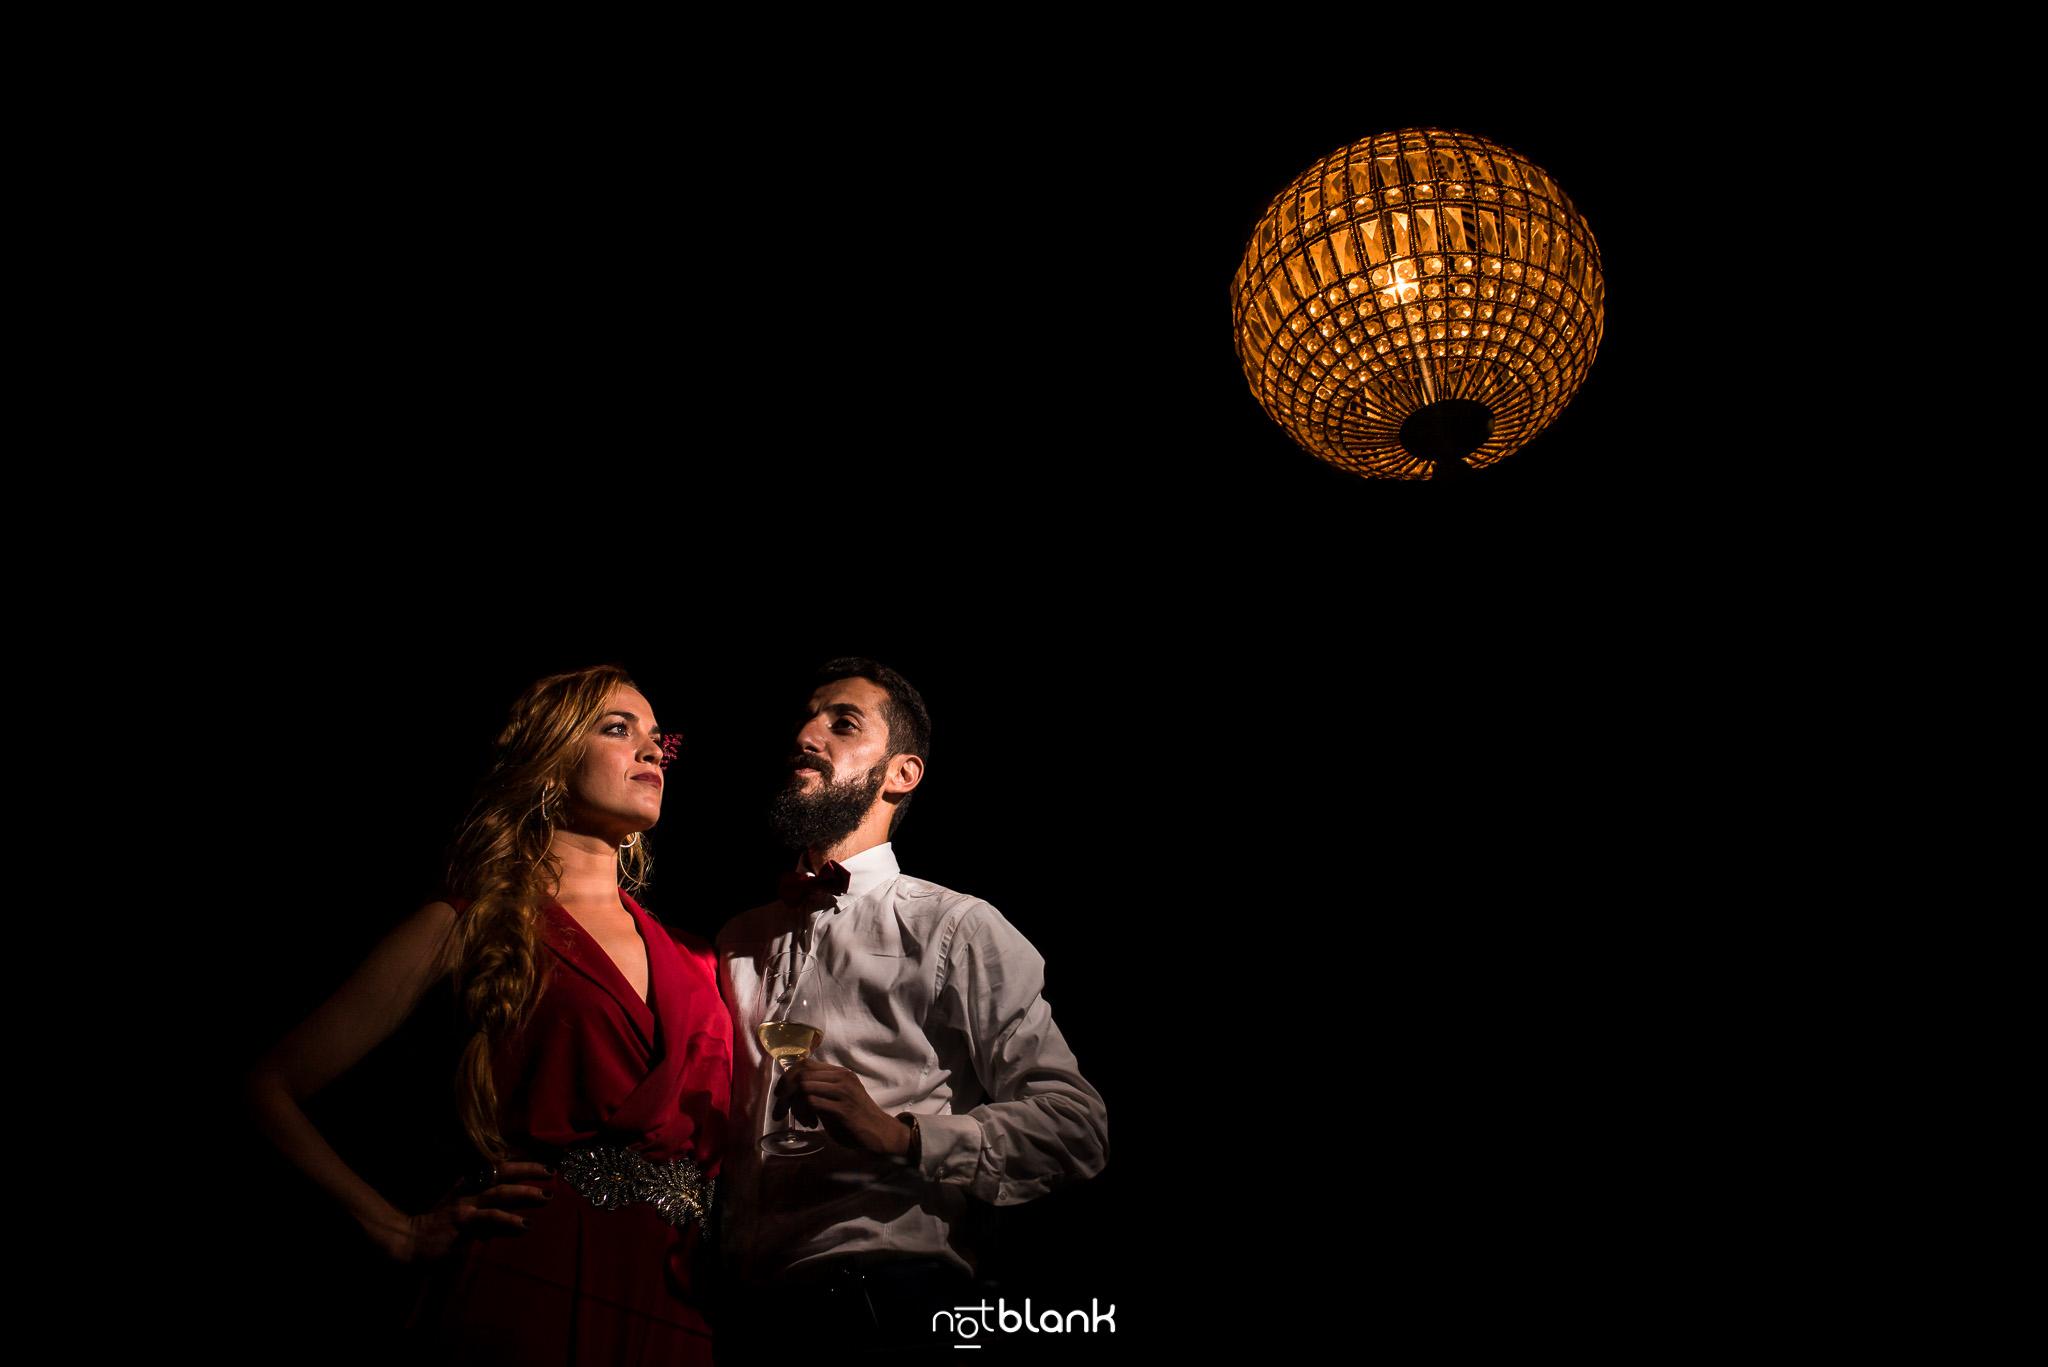 Notblank-Boda Tematica-Star Wars-Malaposta-Portugal-Fotógrafo de boda-Pareja